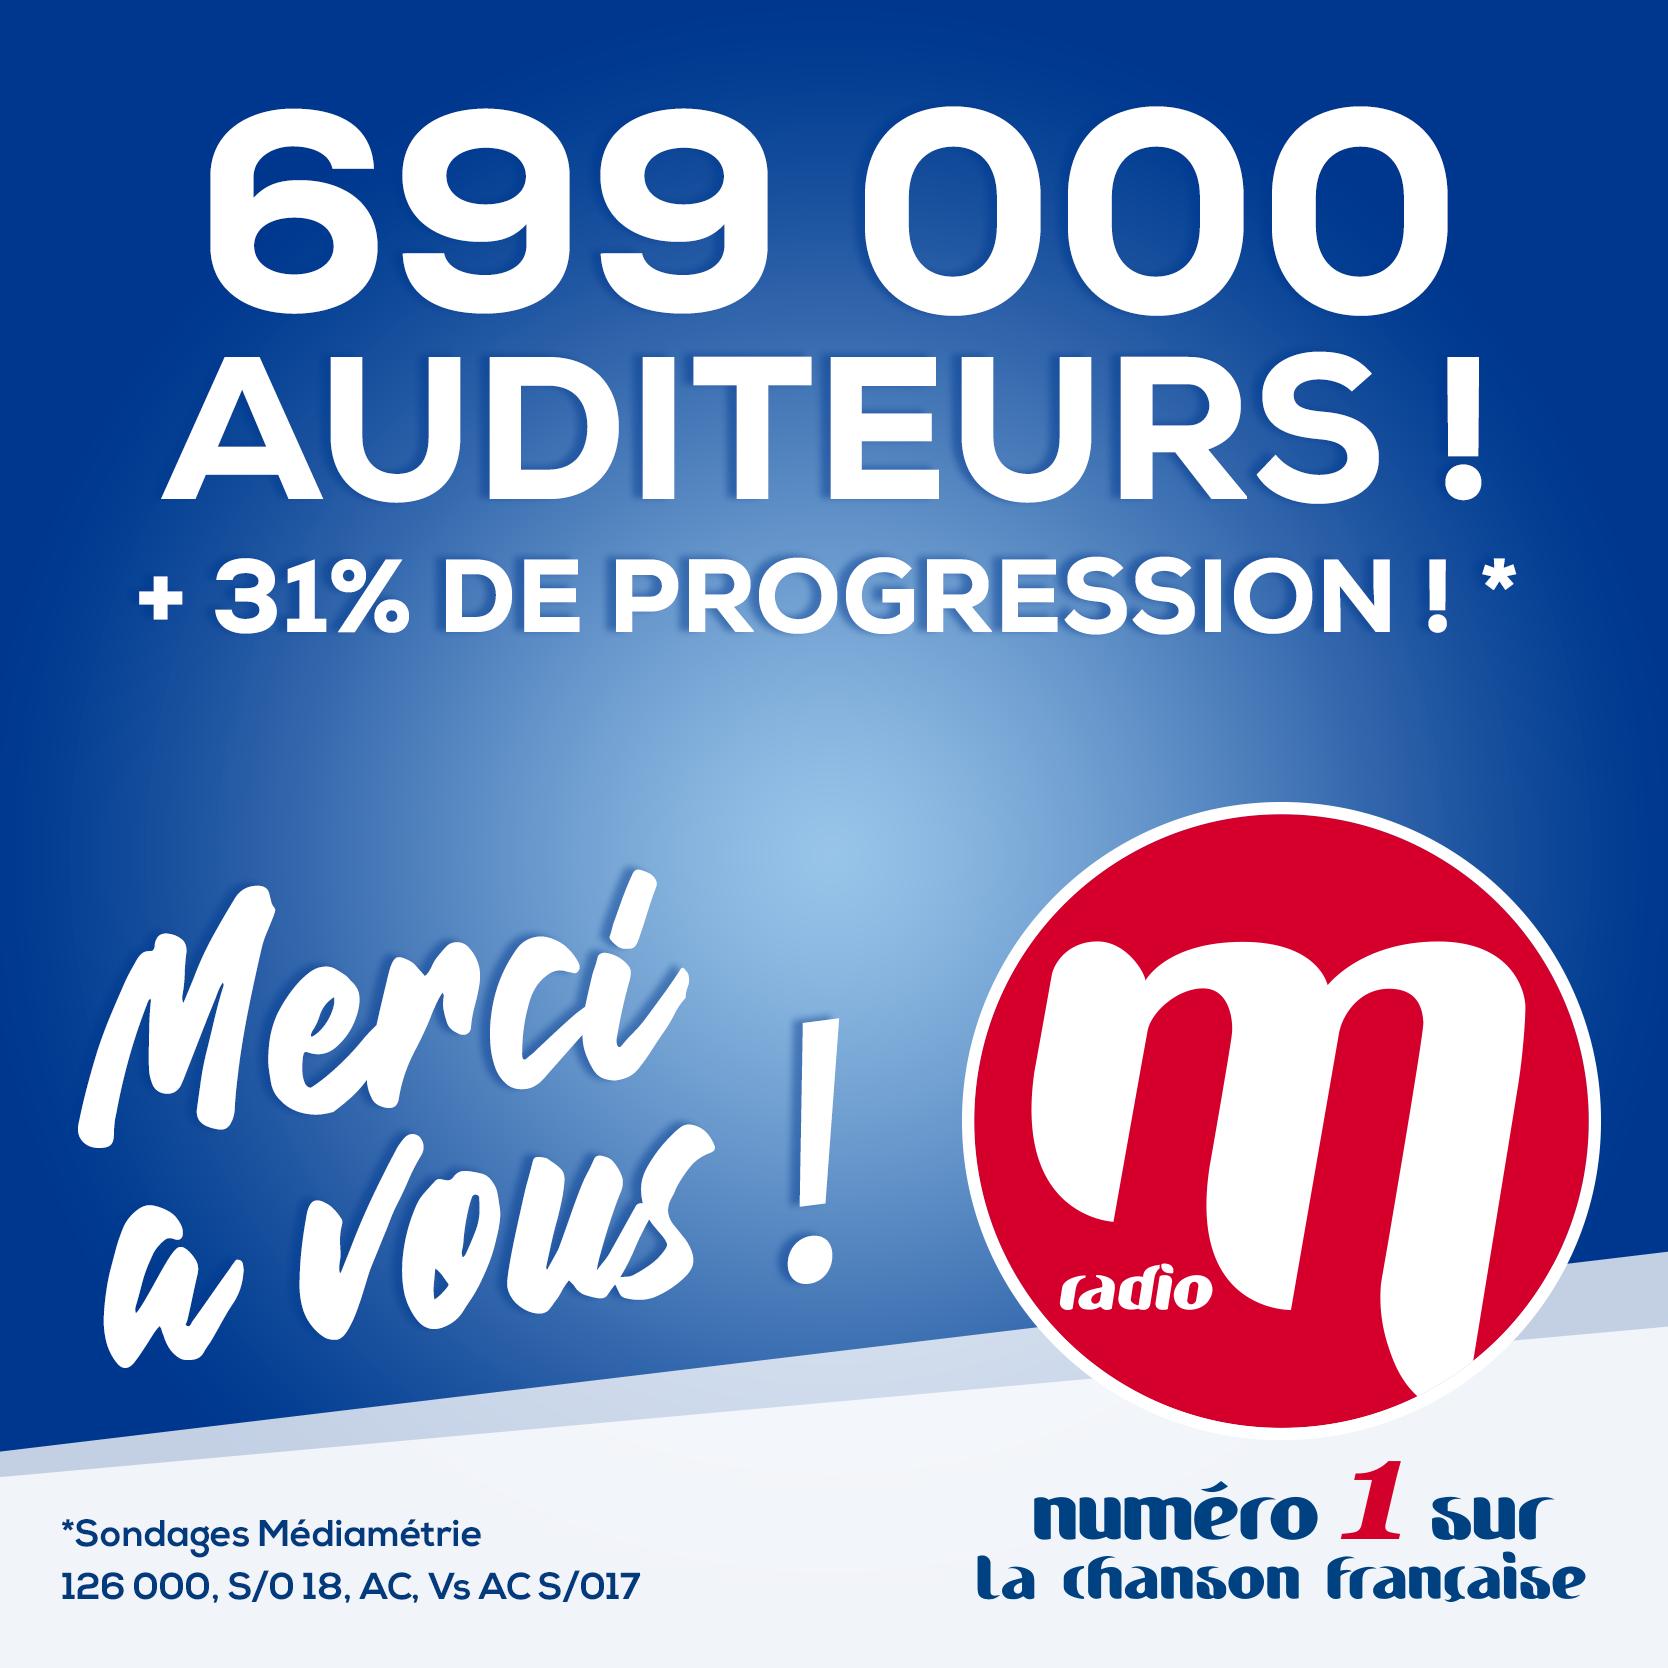 M Radio enregistre un record d'audience depuis 2009 avec + 168 000 nouveaux auditeurs !